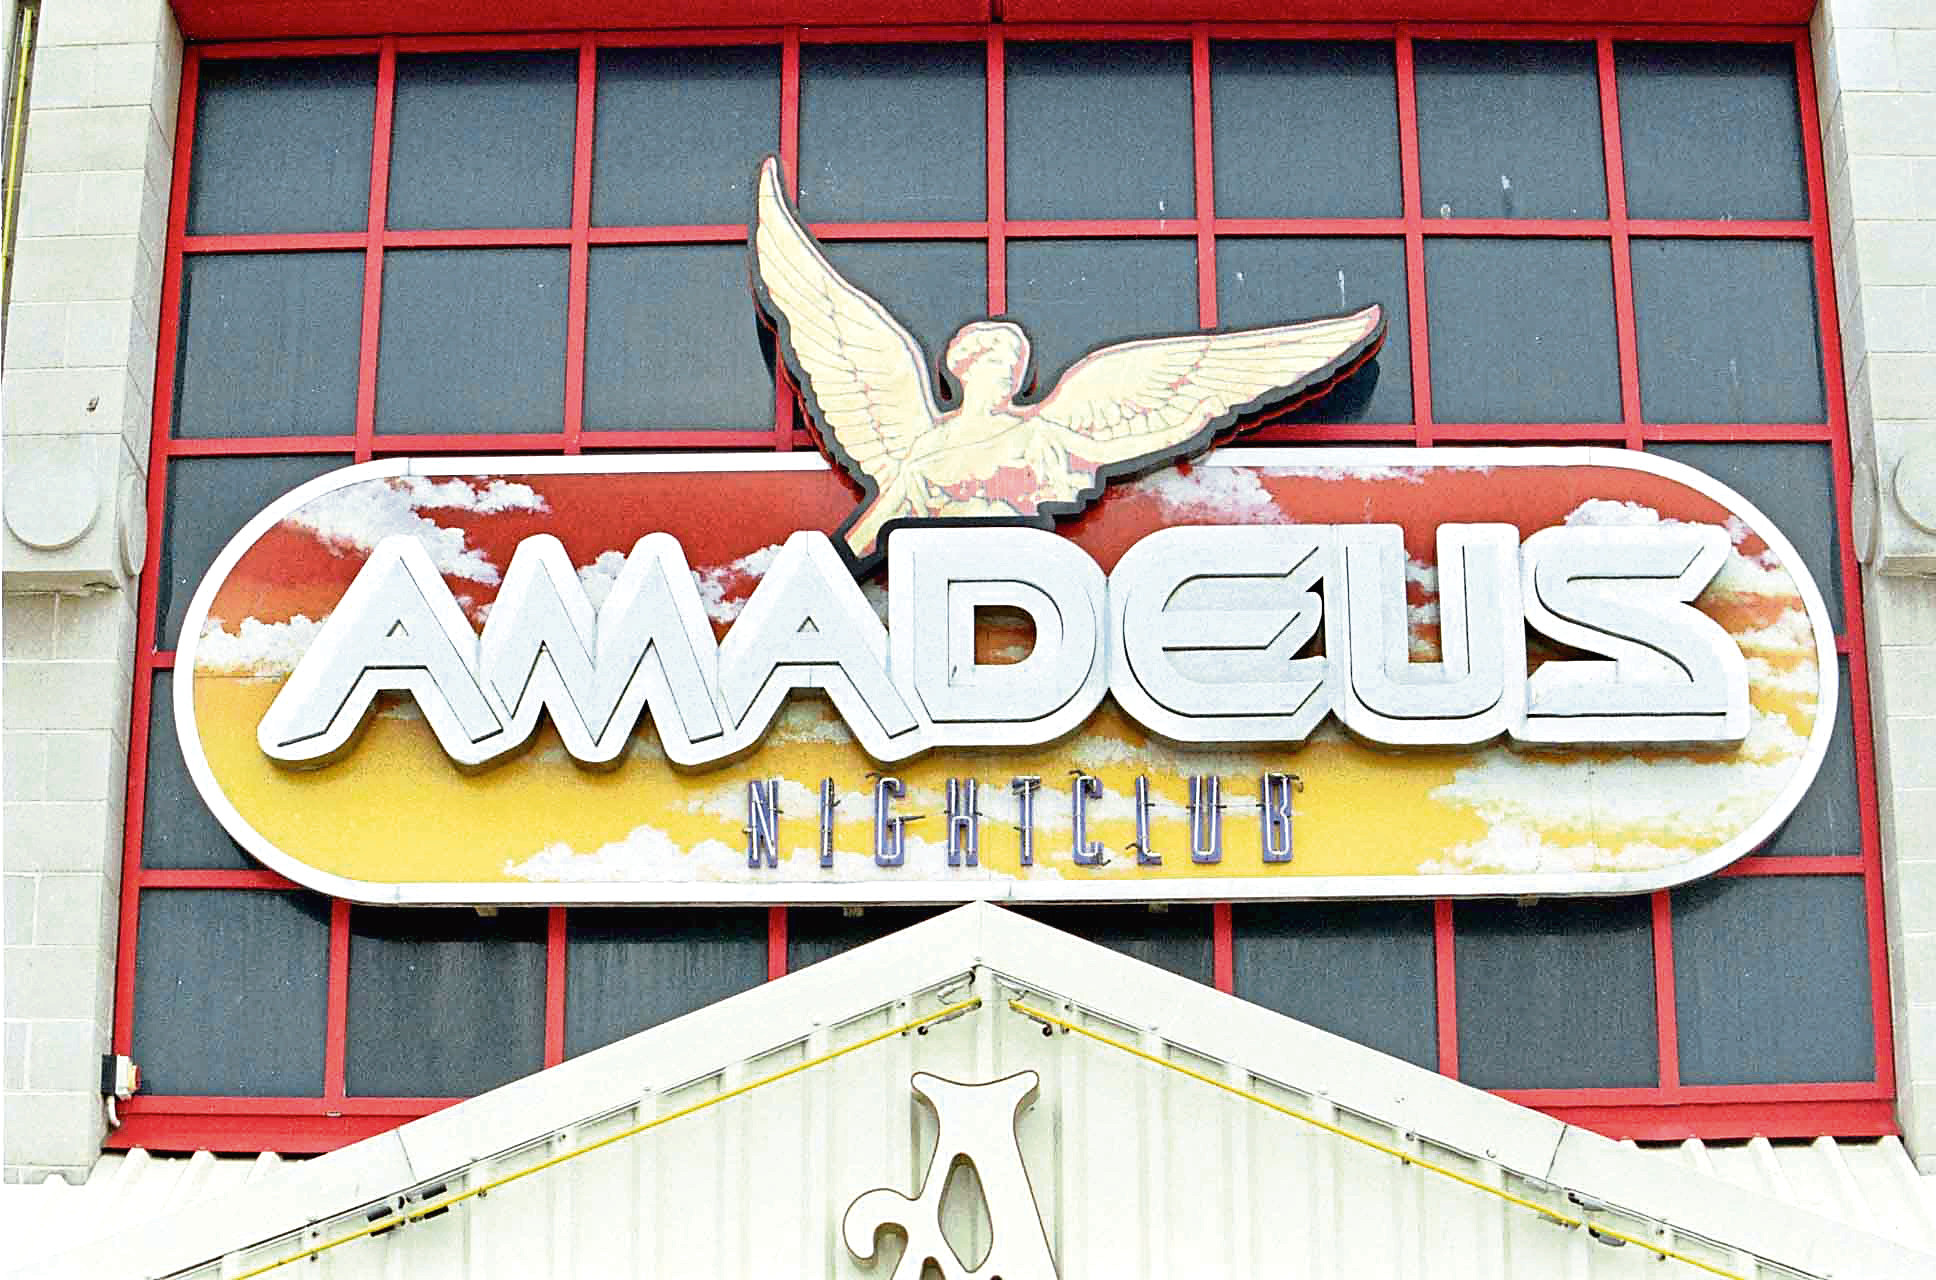 Amadeus nightclub in Aberdeen.